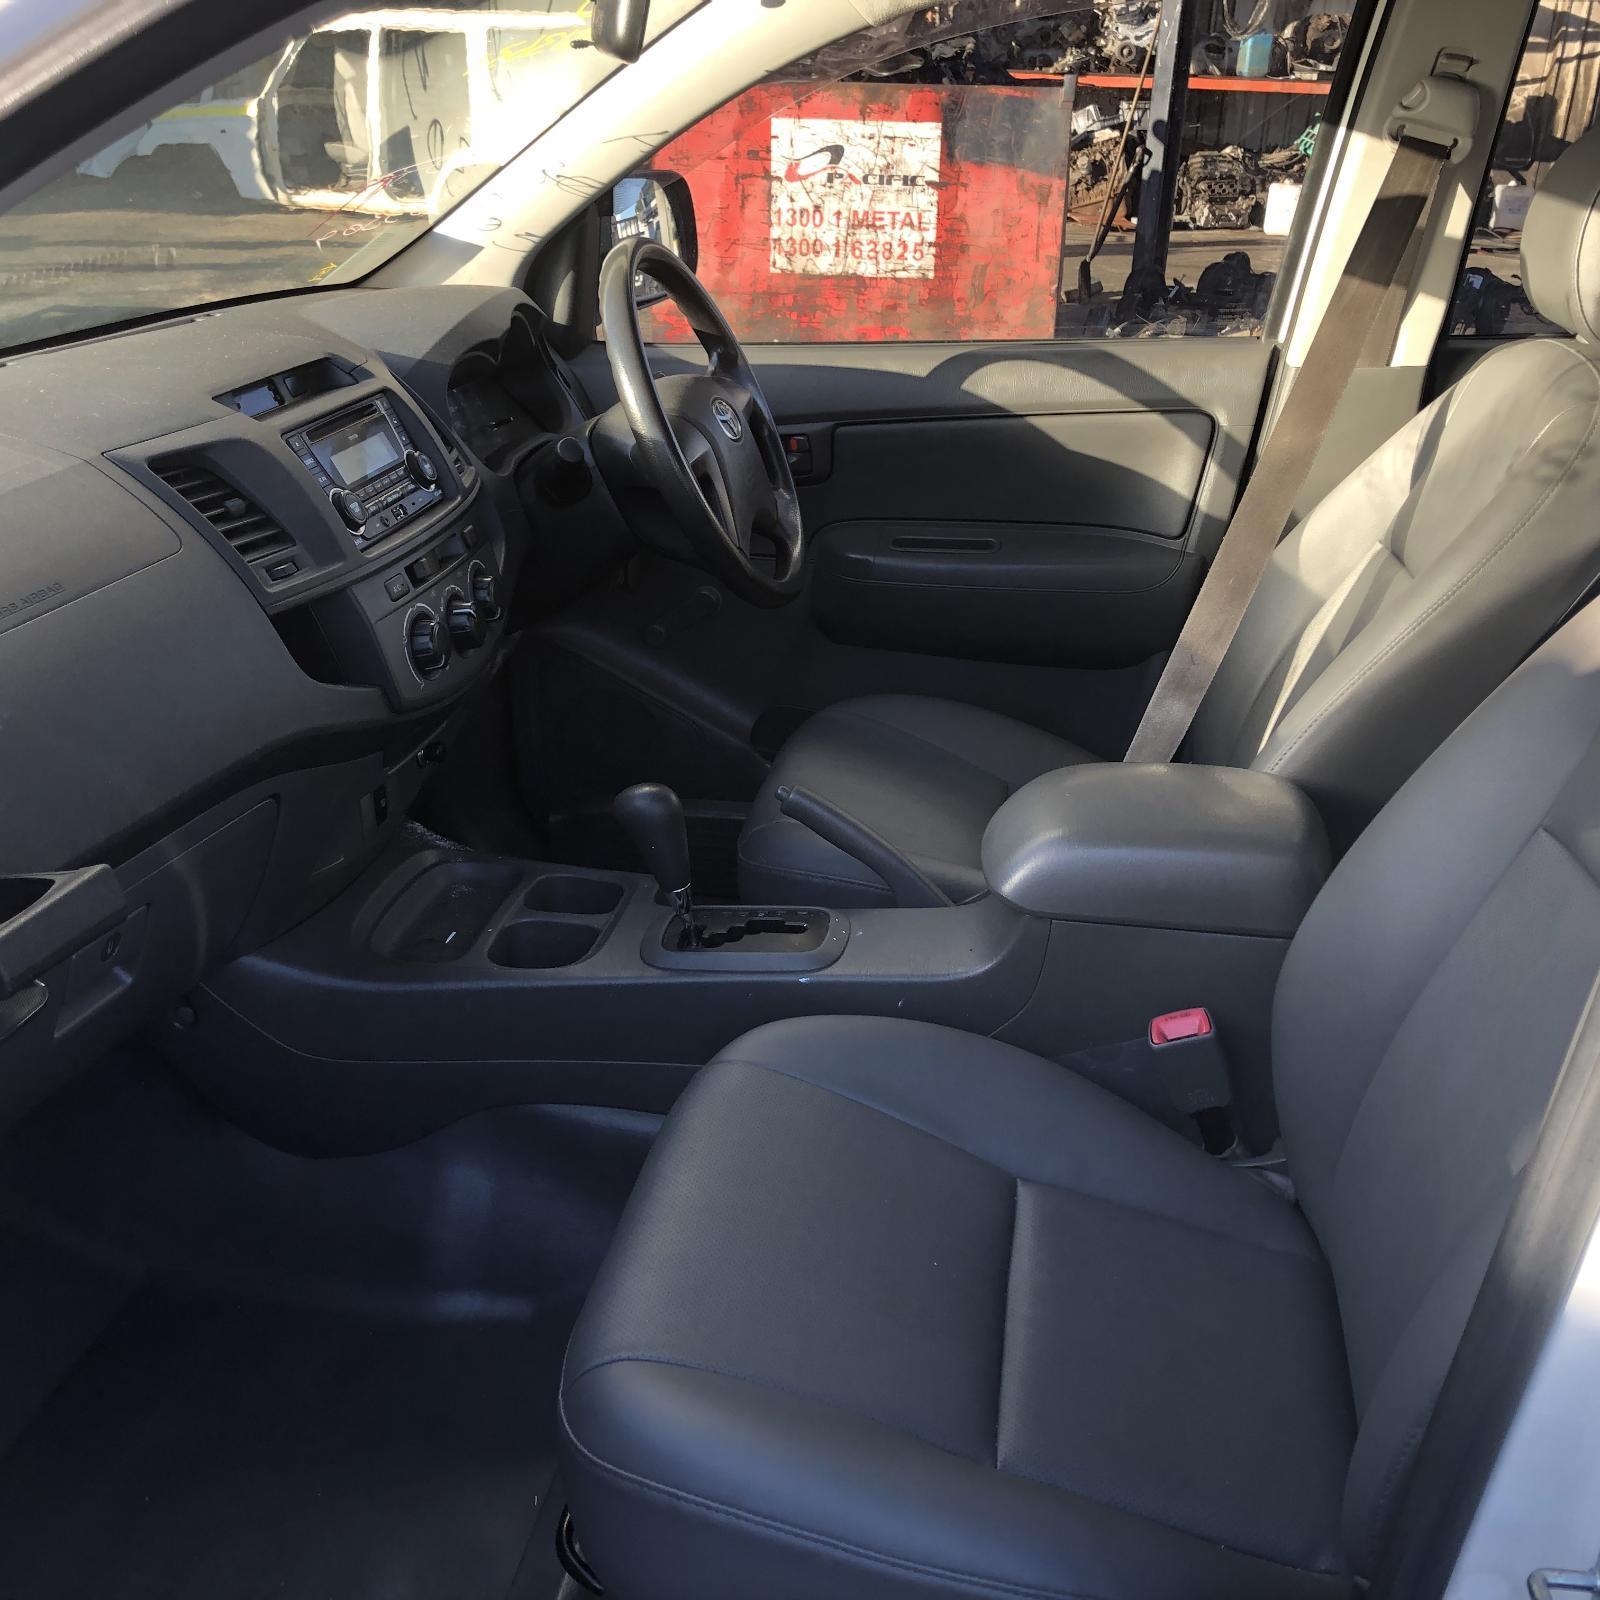 Interior Parts - Quality Interior Parts to Suit Most Toyota & Lexus